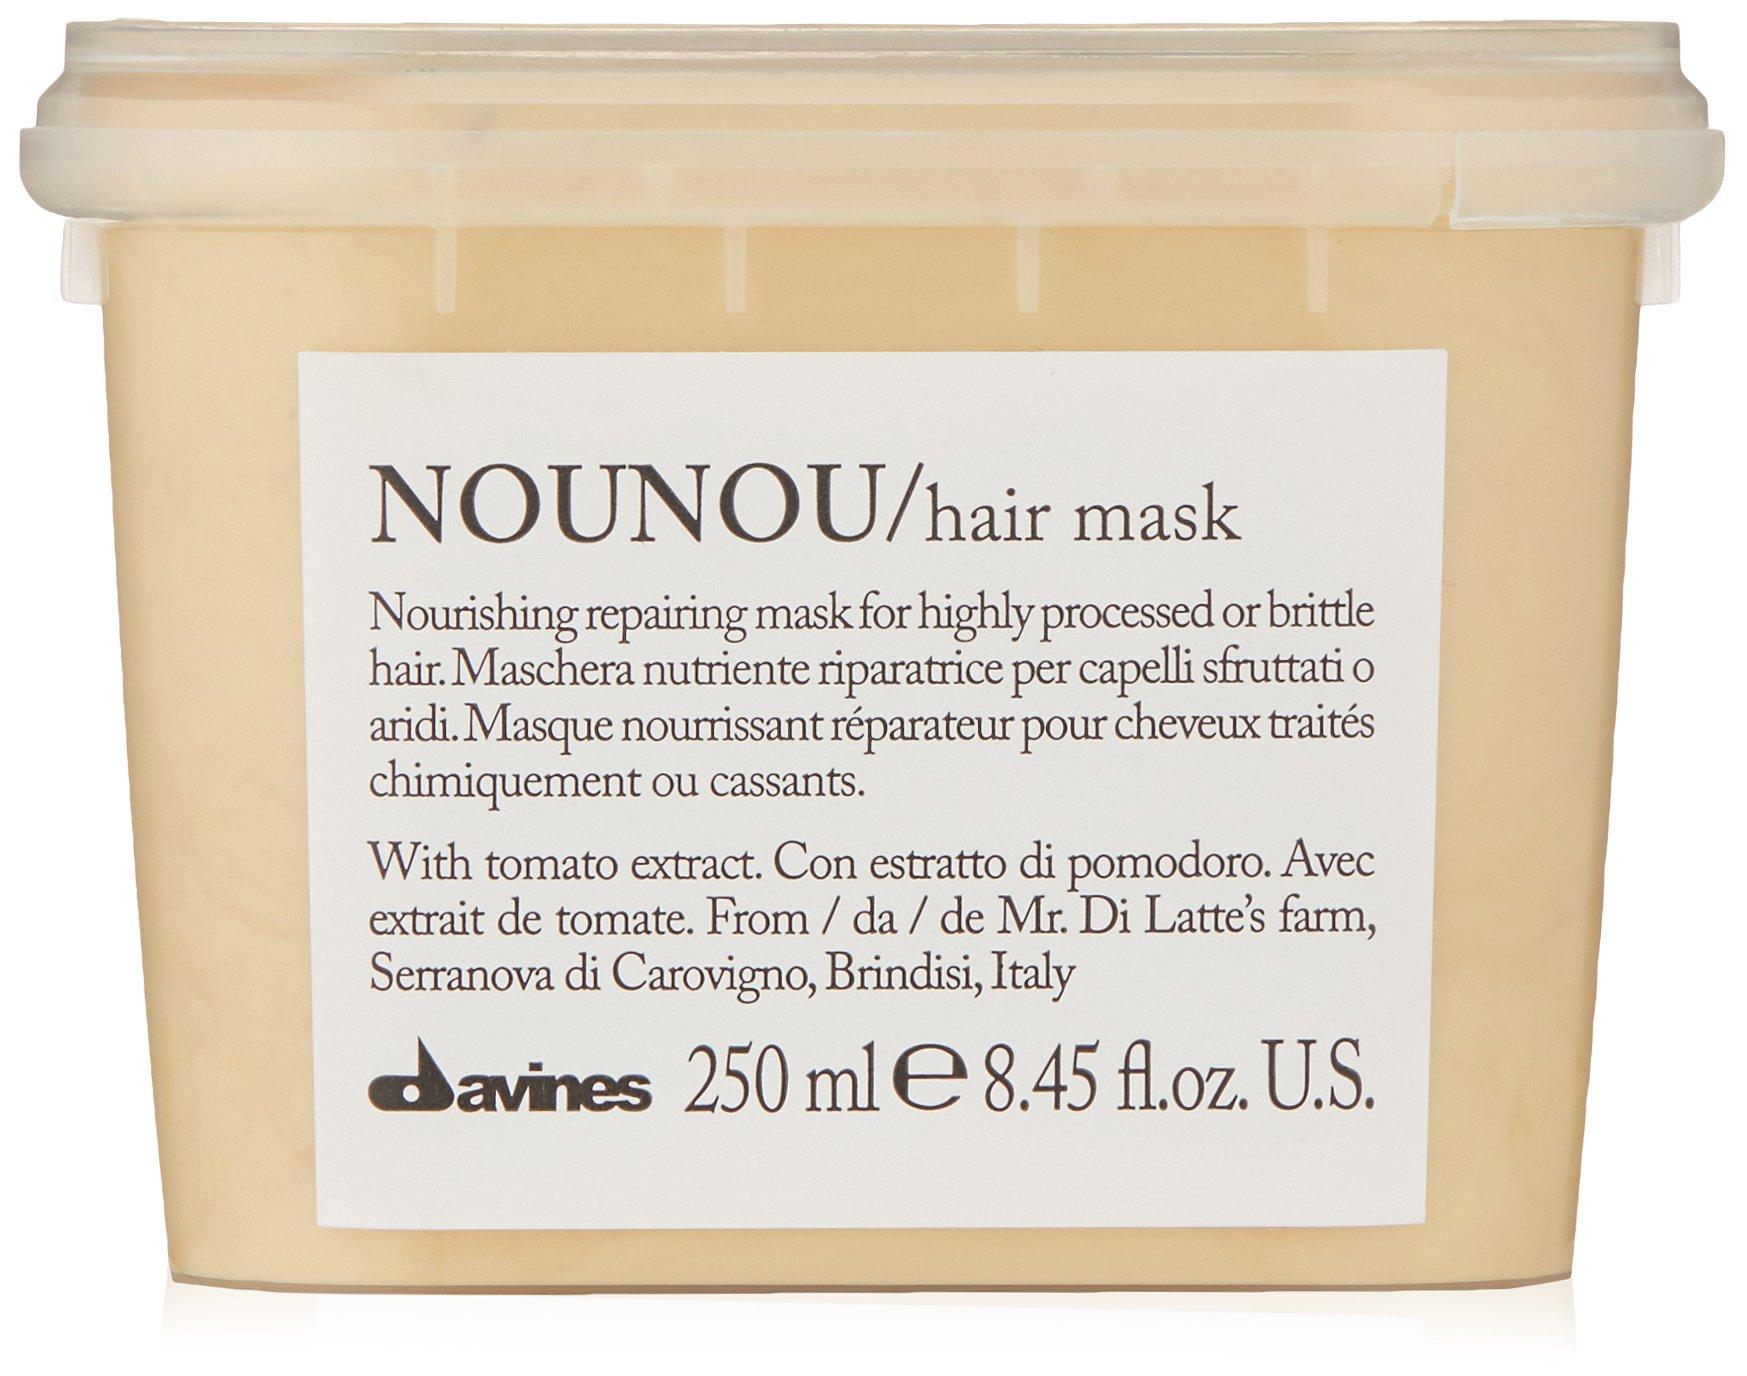 Davines Nounou Hair Mask, 8.45 fl. oz.